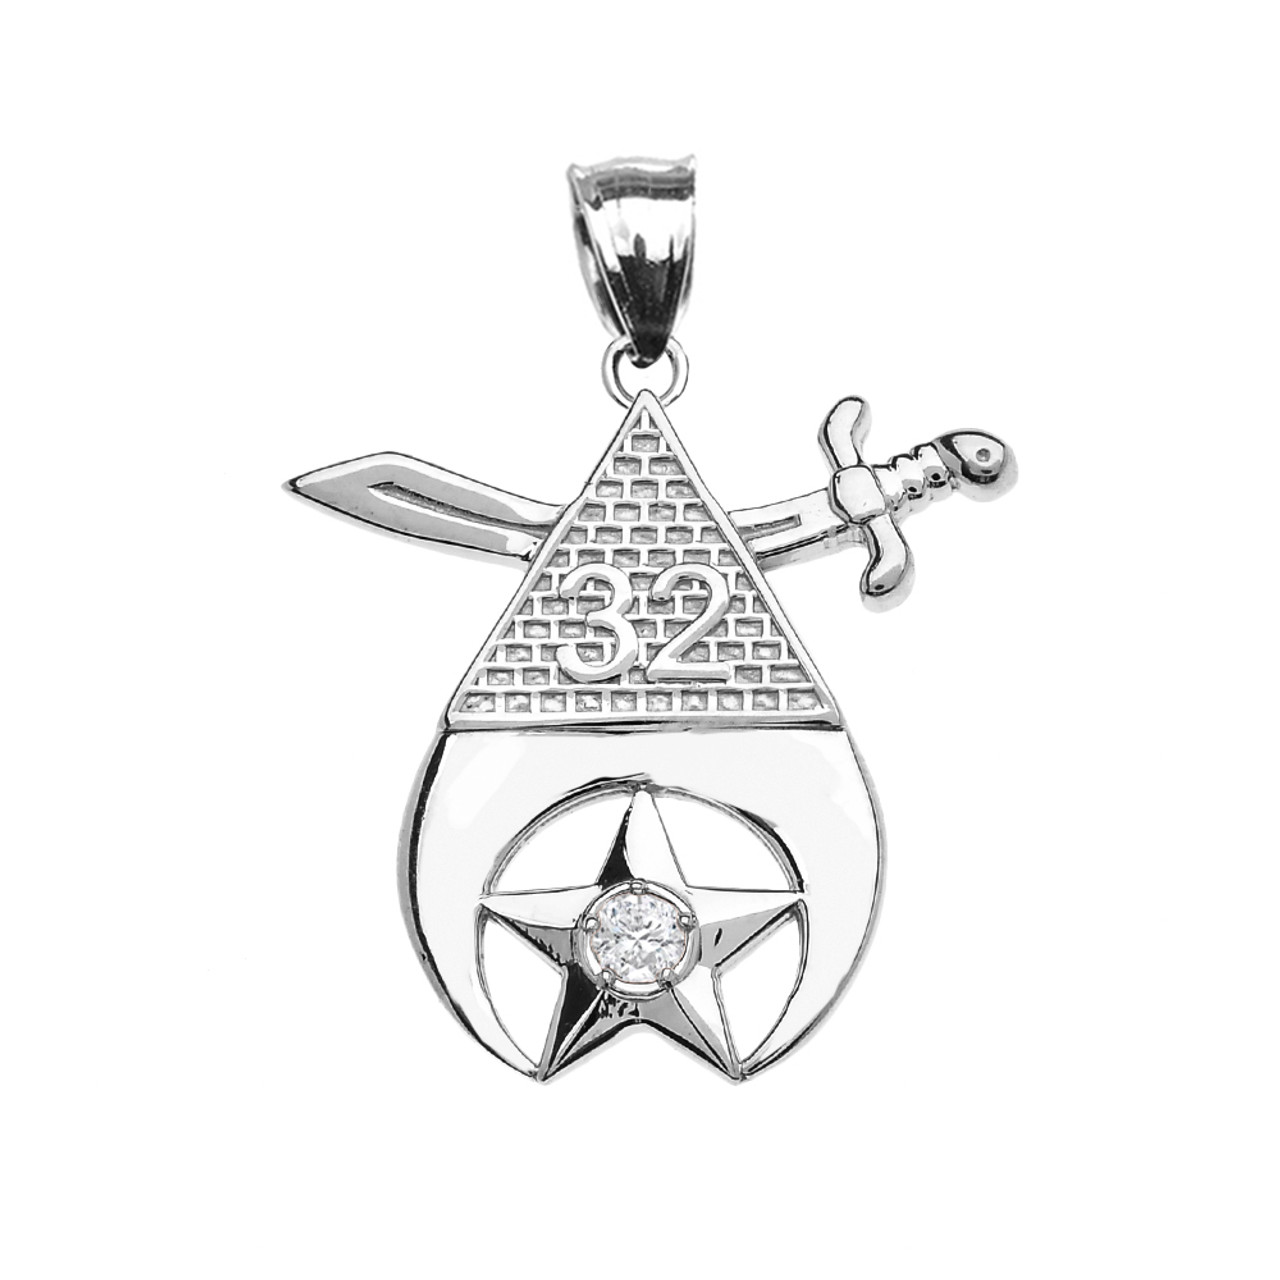 10k White Gold Octagonal Freemason Charm Masonic Pendant Necklace